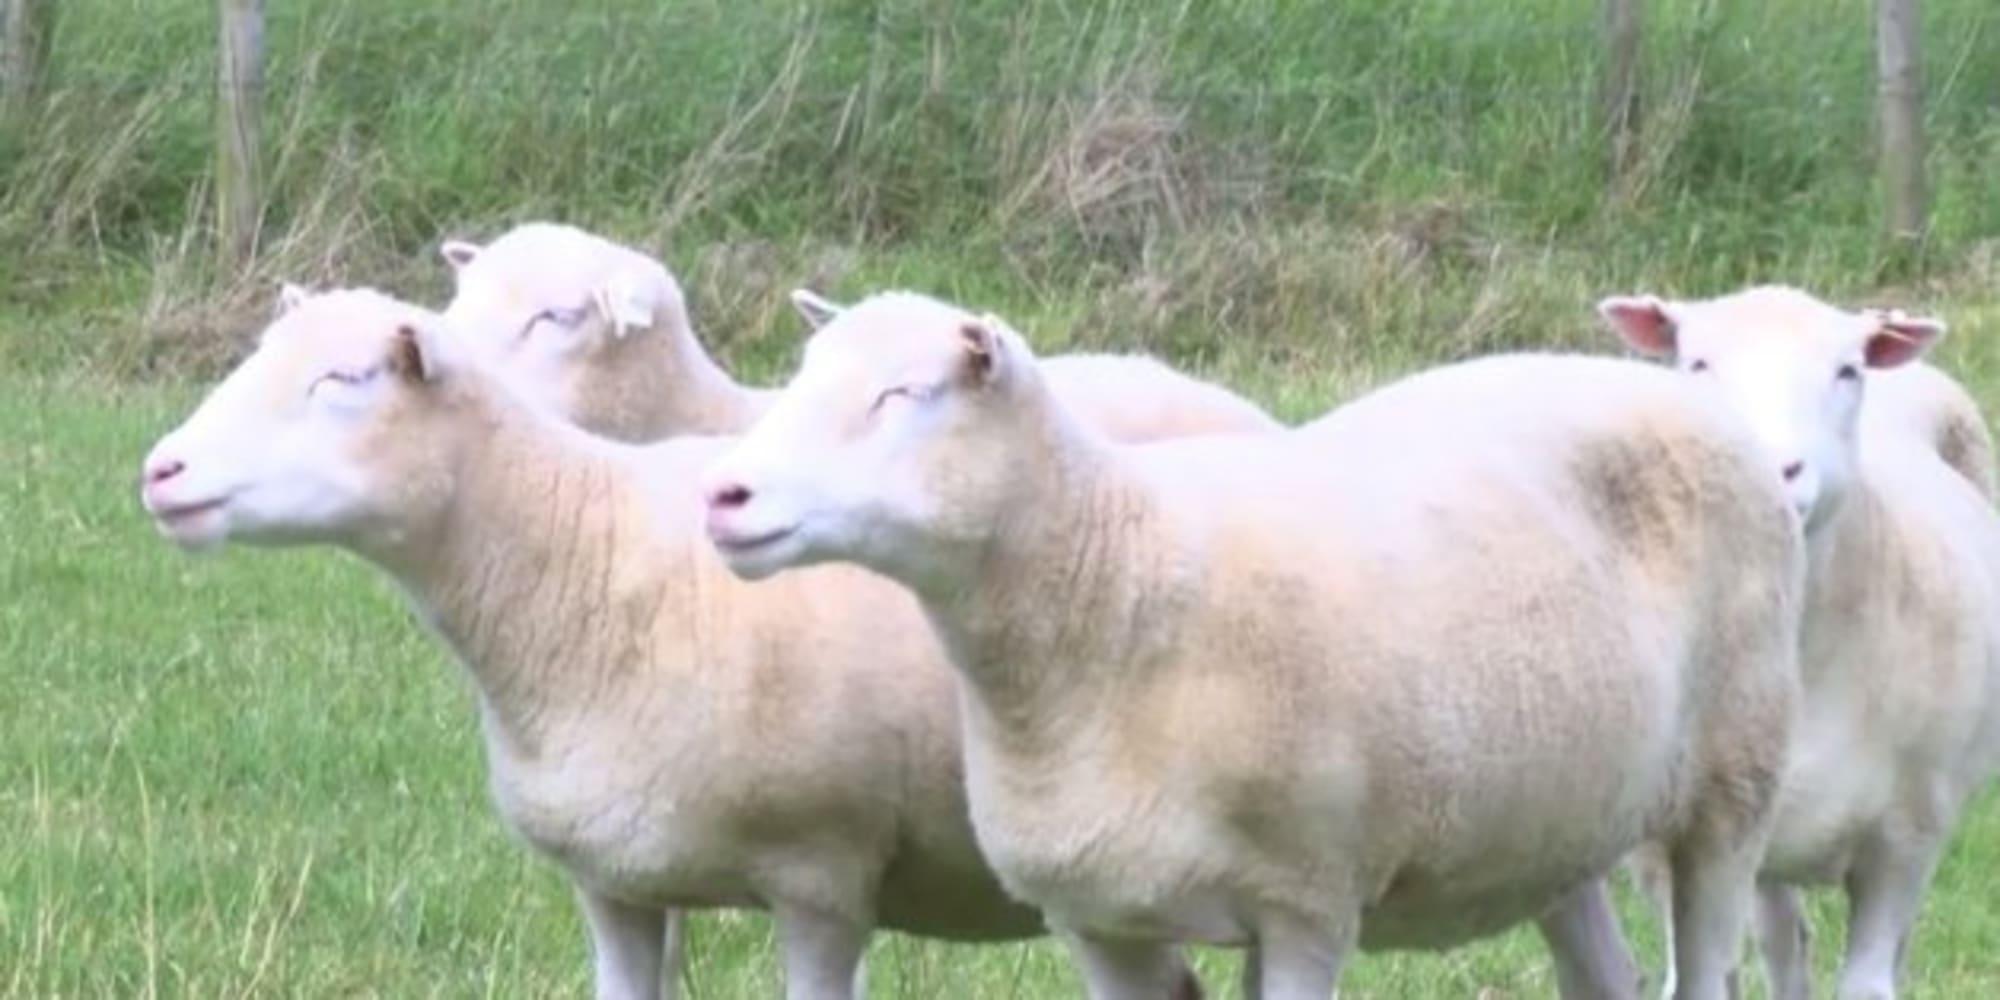 quels sont les animaux clones depuis dolly